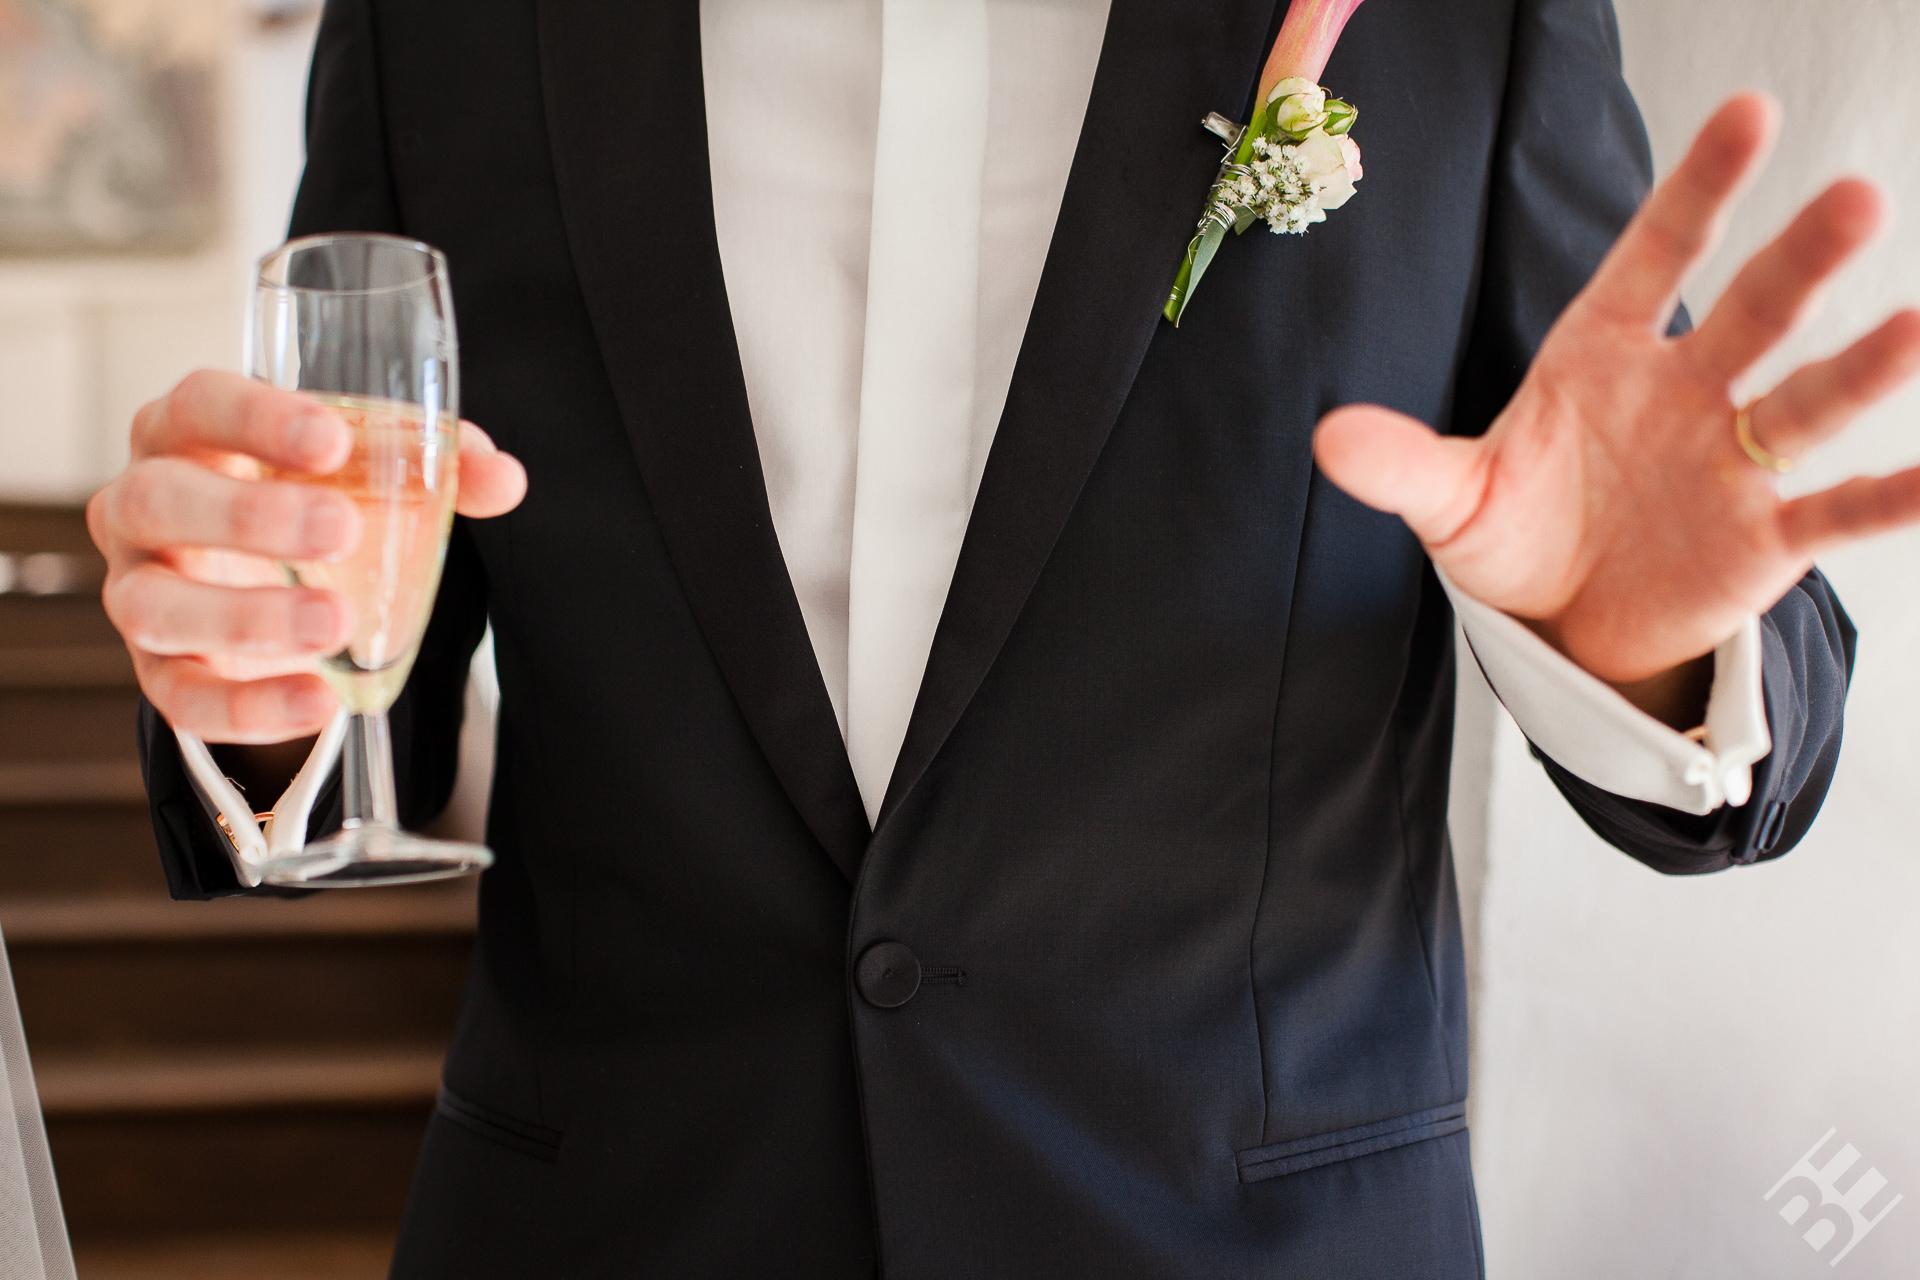 Hochzeit_58_IMG_9558_Volen_Evtimov